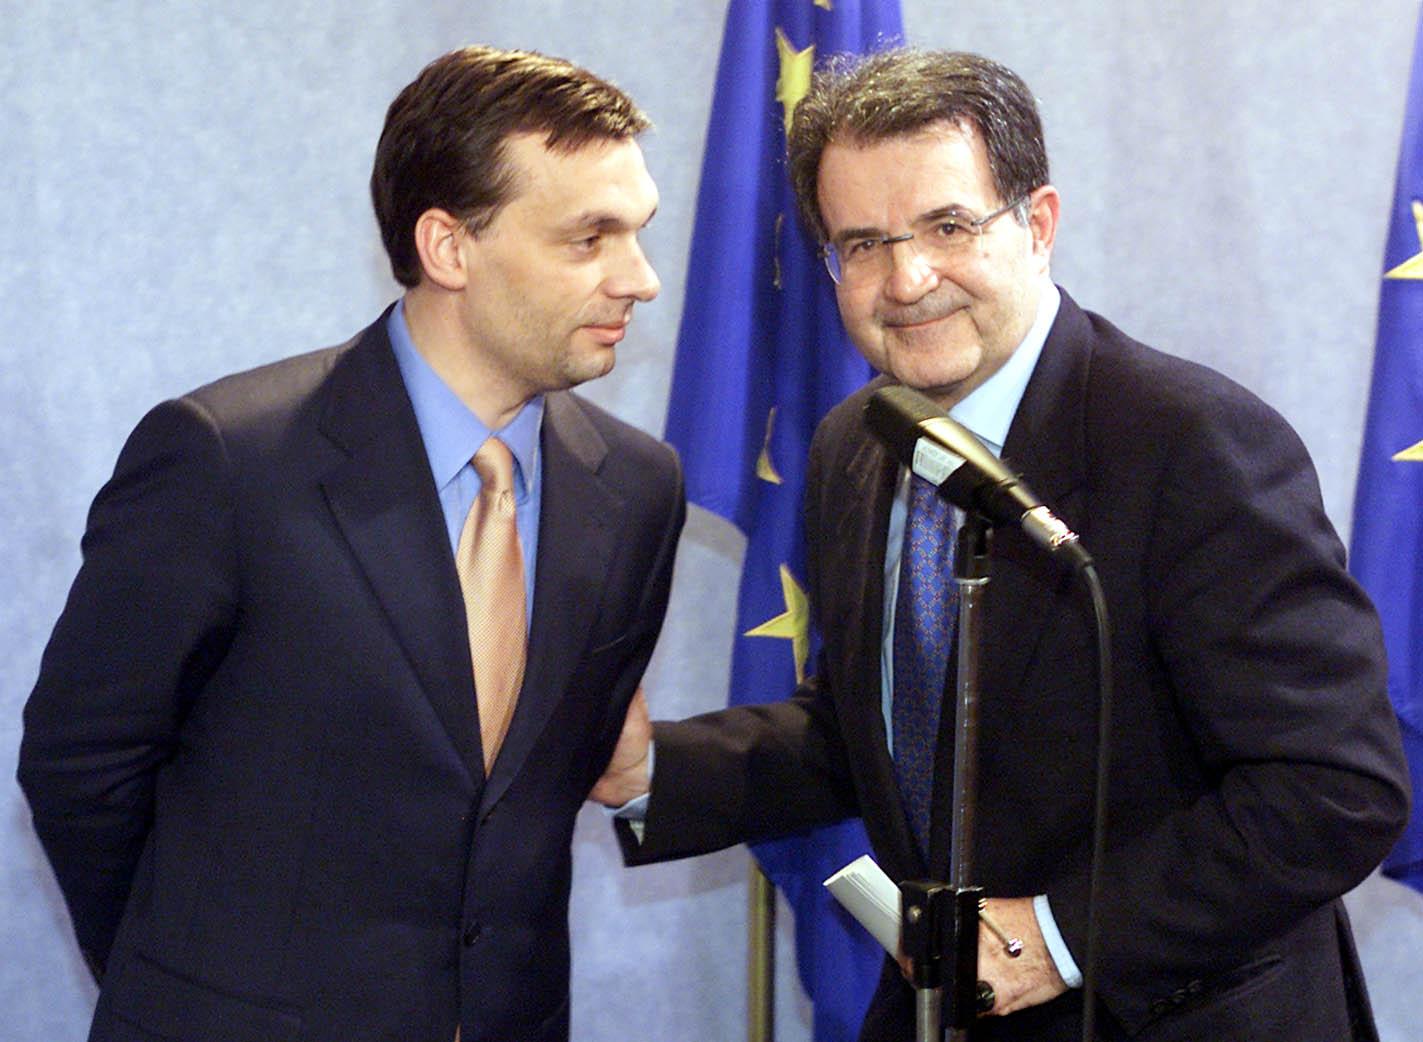 Orbán Viktor miniszterelnök és Romano Prodi, az Európai Bizottság elnöke Brüsszelben 2002. február 20-án, ahol részt vett az Európai Parlament külügyi, emberi jogi, közös biztonsági és védelmi bizottságának ülésén. A másfél órás meghallgatáson Orbán Viktor a magyar csatlakozási folyamatról beszélt (MTI Fotó: Illyés Tibor)